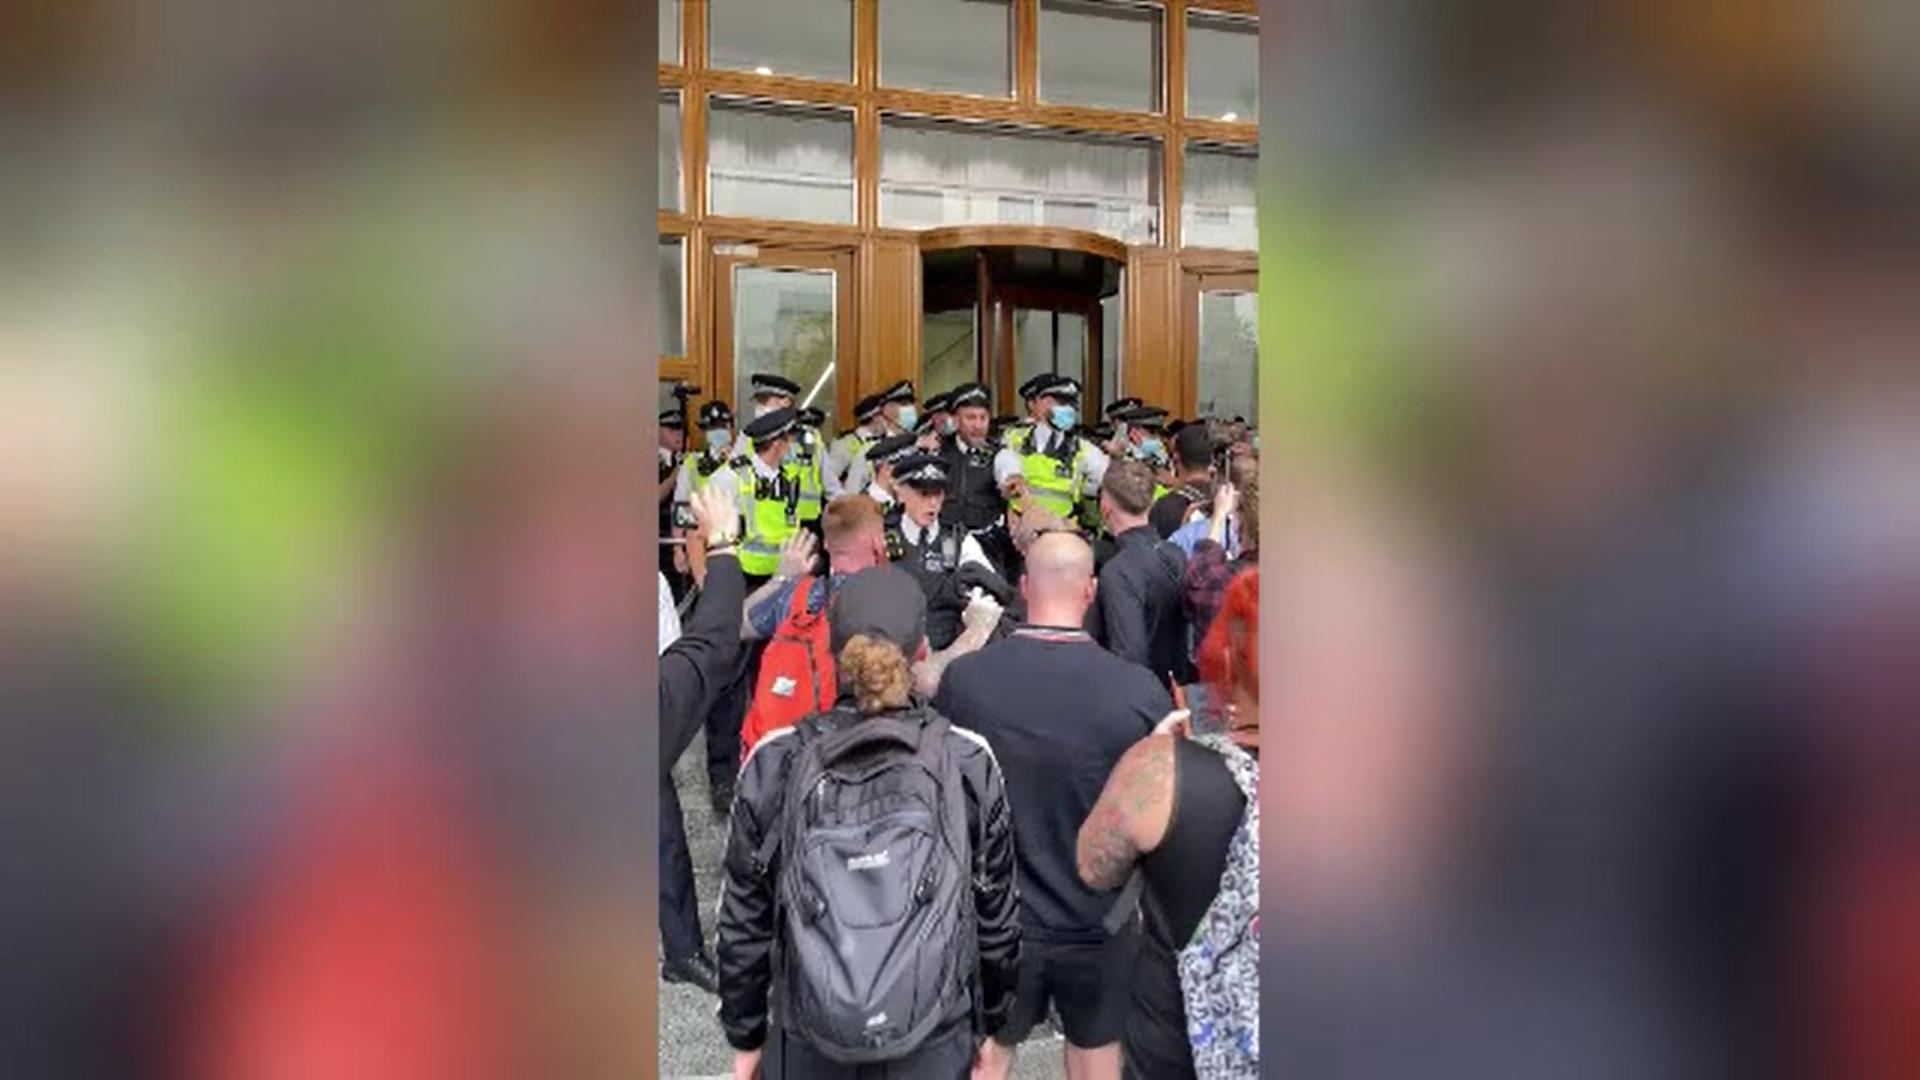 Mai mulţi poliţişti, răniţi într-o ciocnire violentă cu manifestanţii antivaccinişti, la Londra